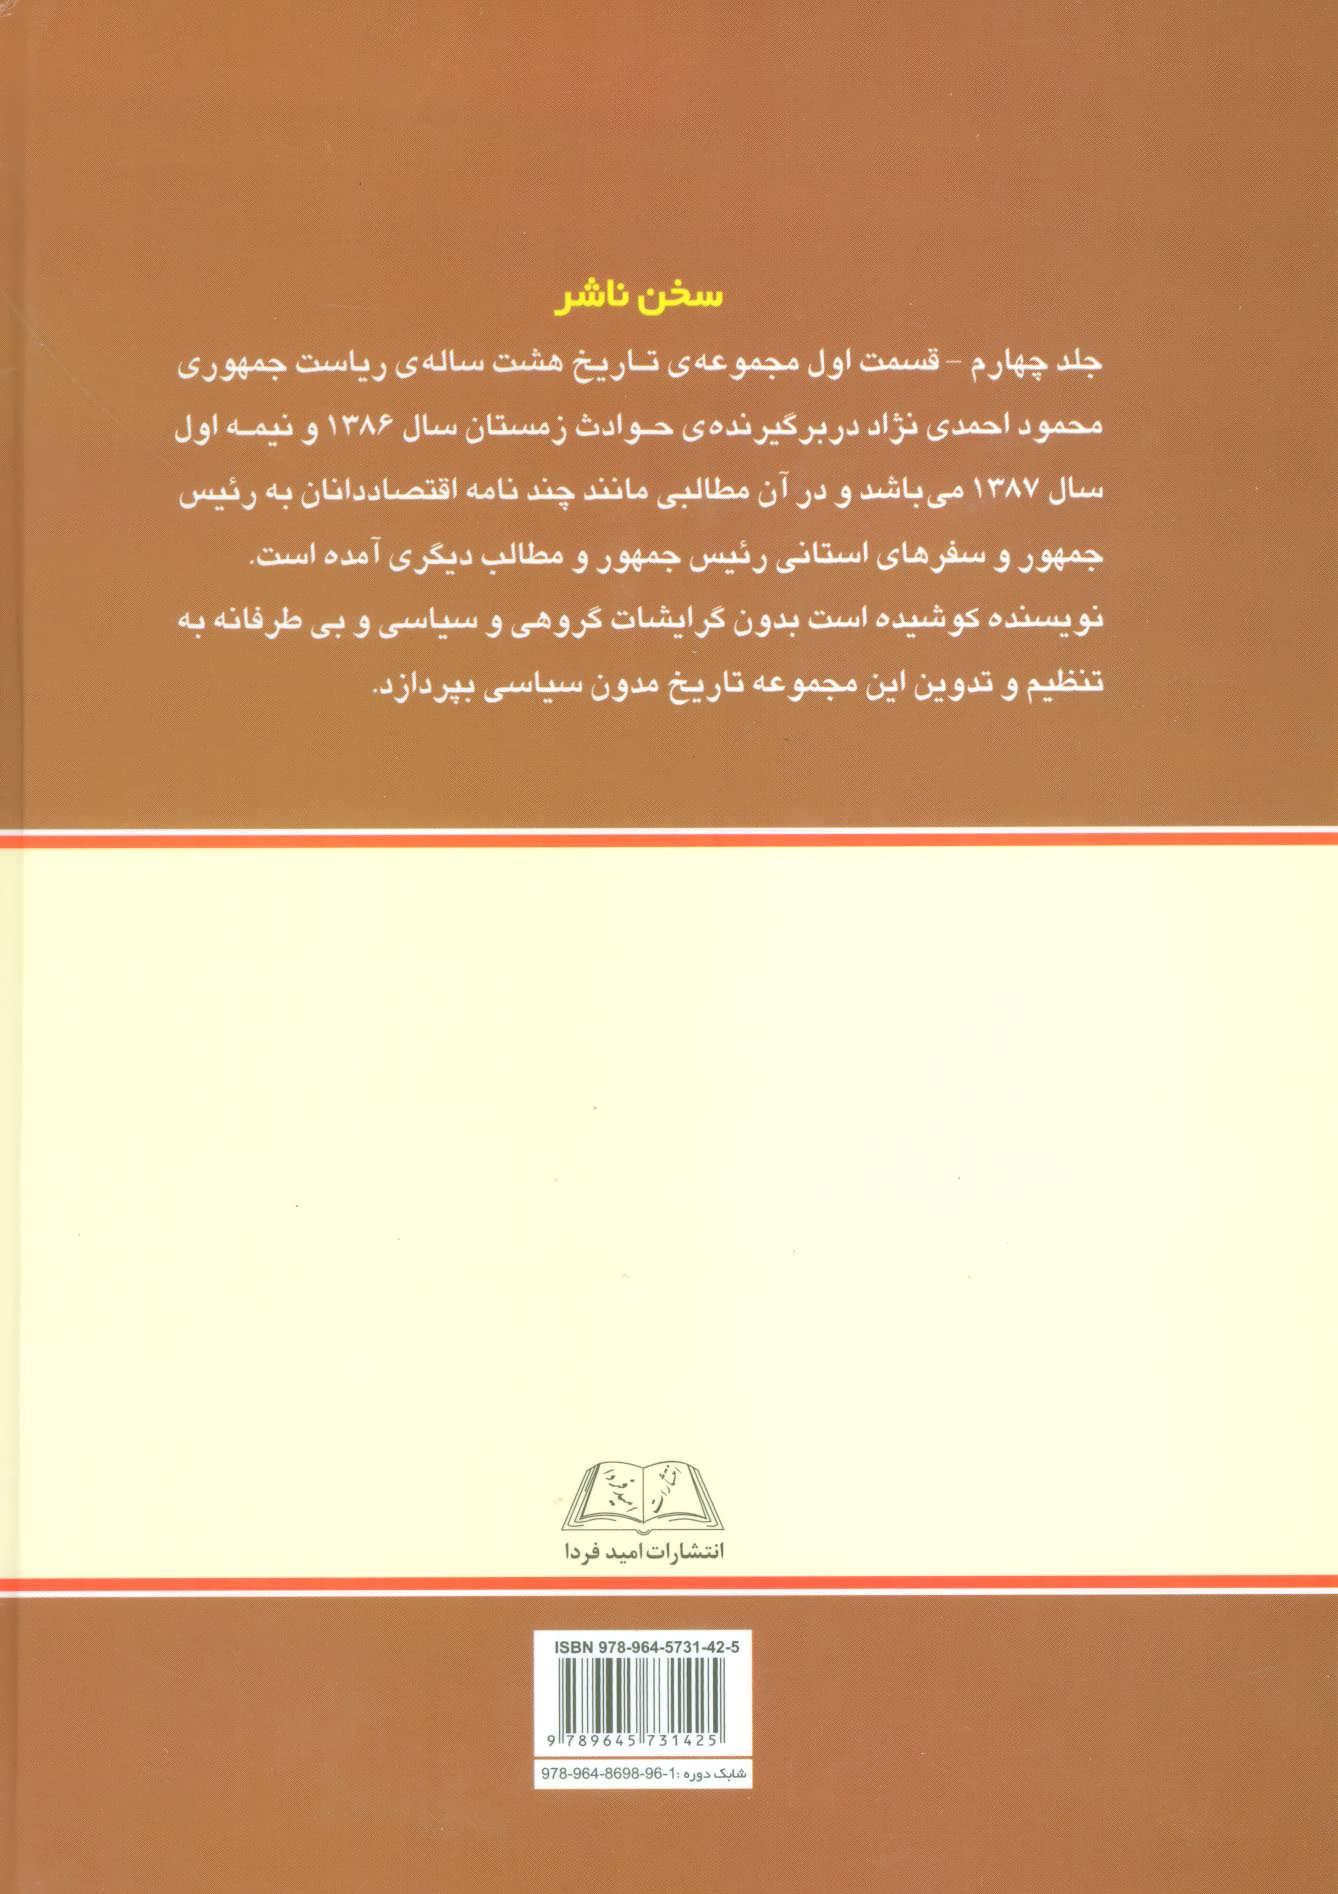 تاریخ 8 ساله ریاست جمهوری محمود احمدی نژاد 4 (قسمت اول)،(حوادث سال 1387)